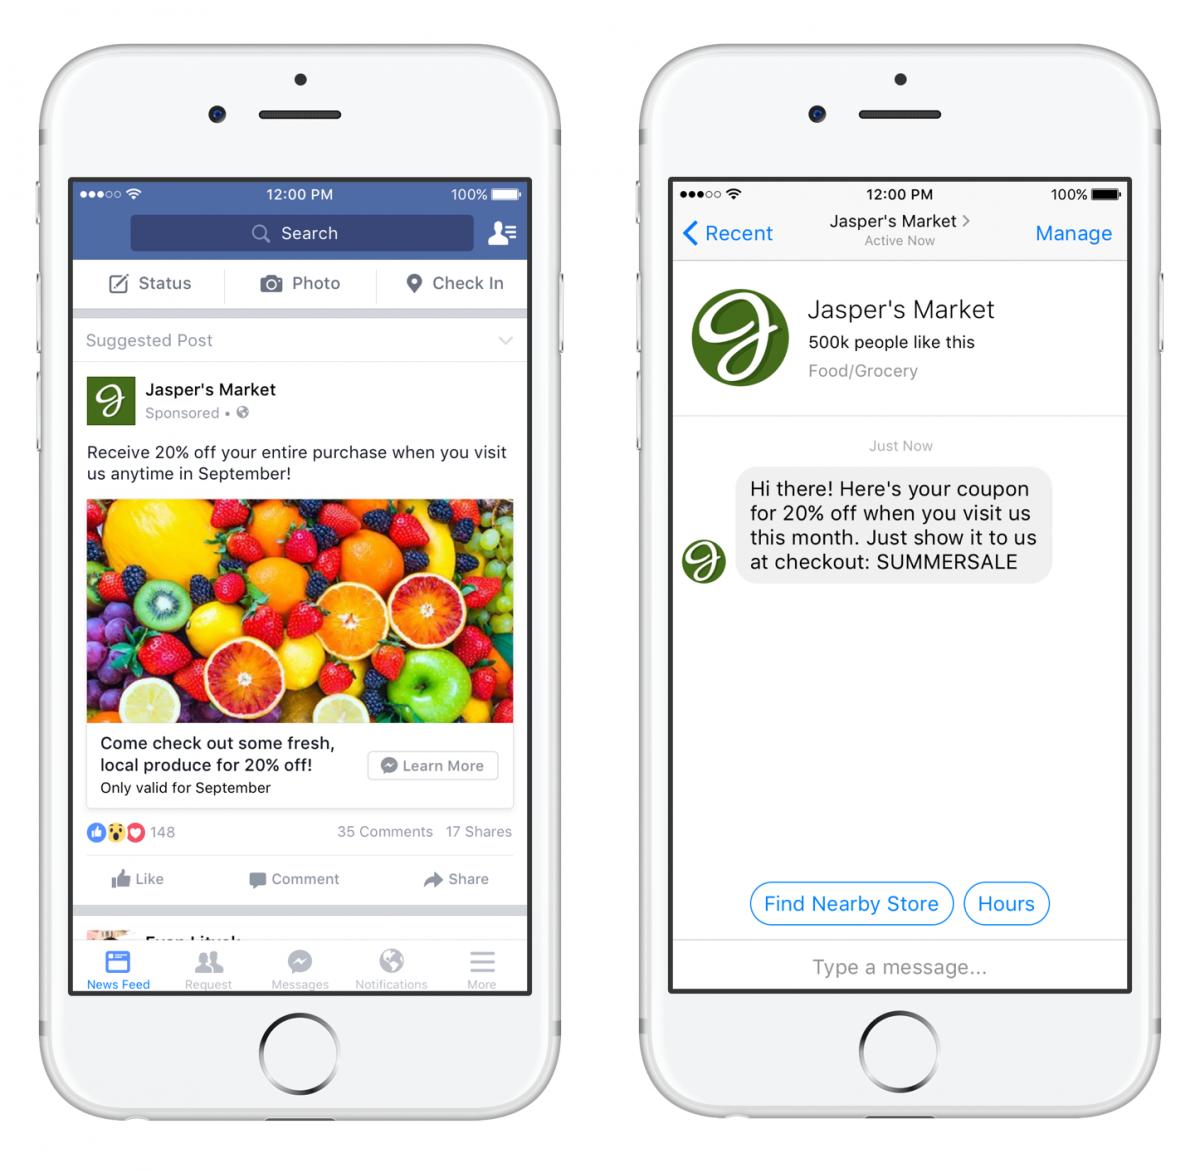 quang cao tin nhan facebook - Chatbot là gì? Giải mã Chatbot Viral trên Facebook - Bí mật của các chuyên gia!